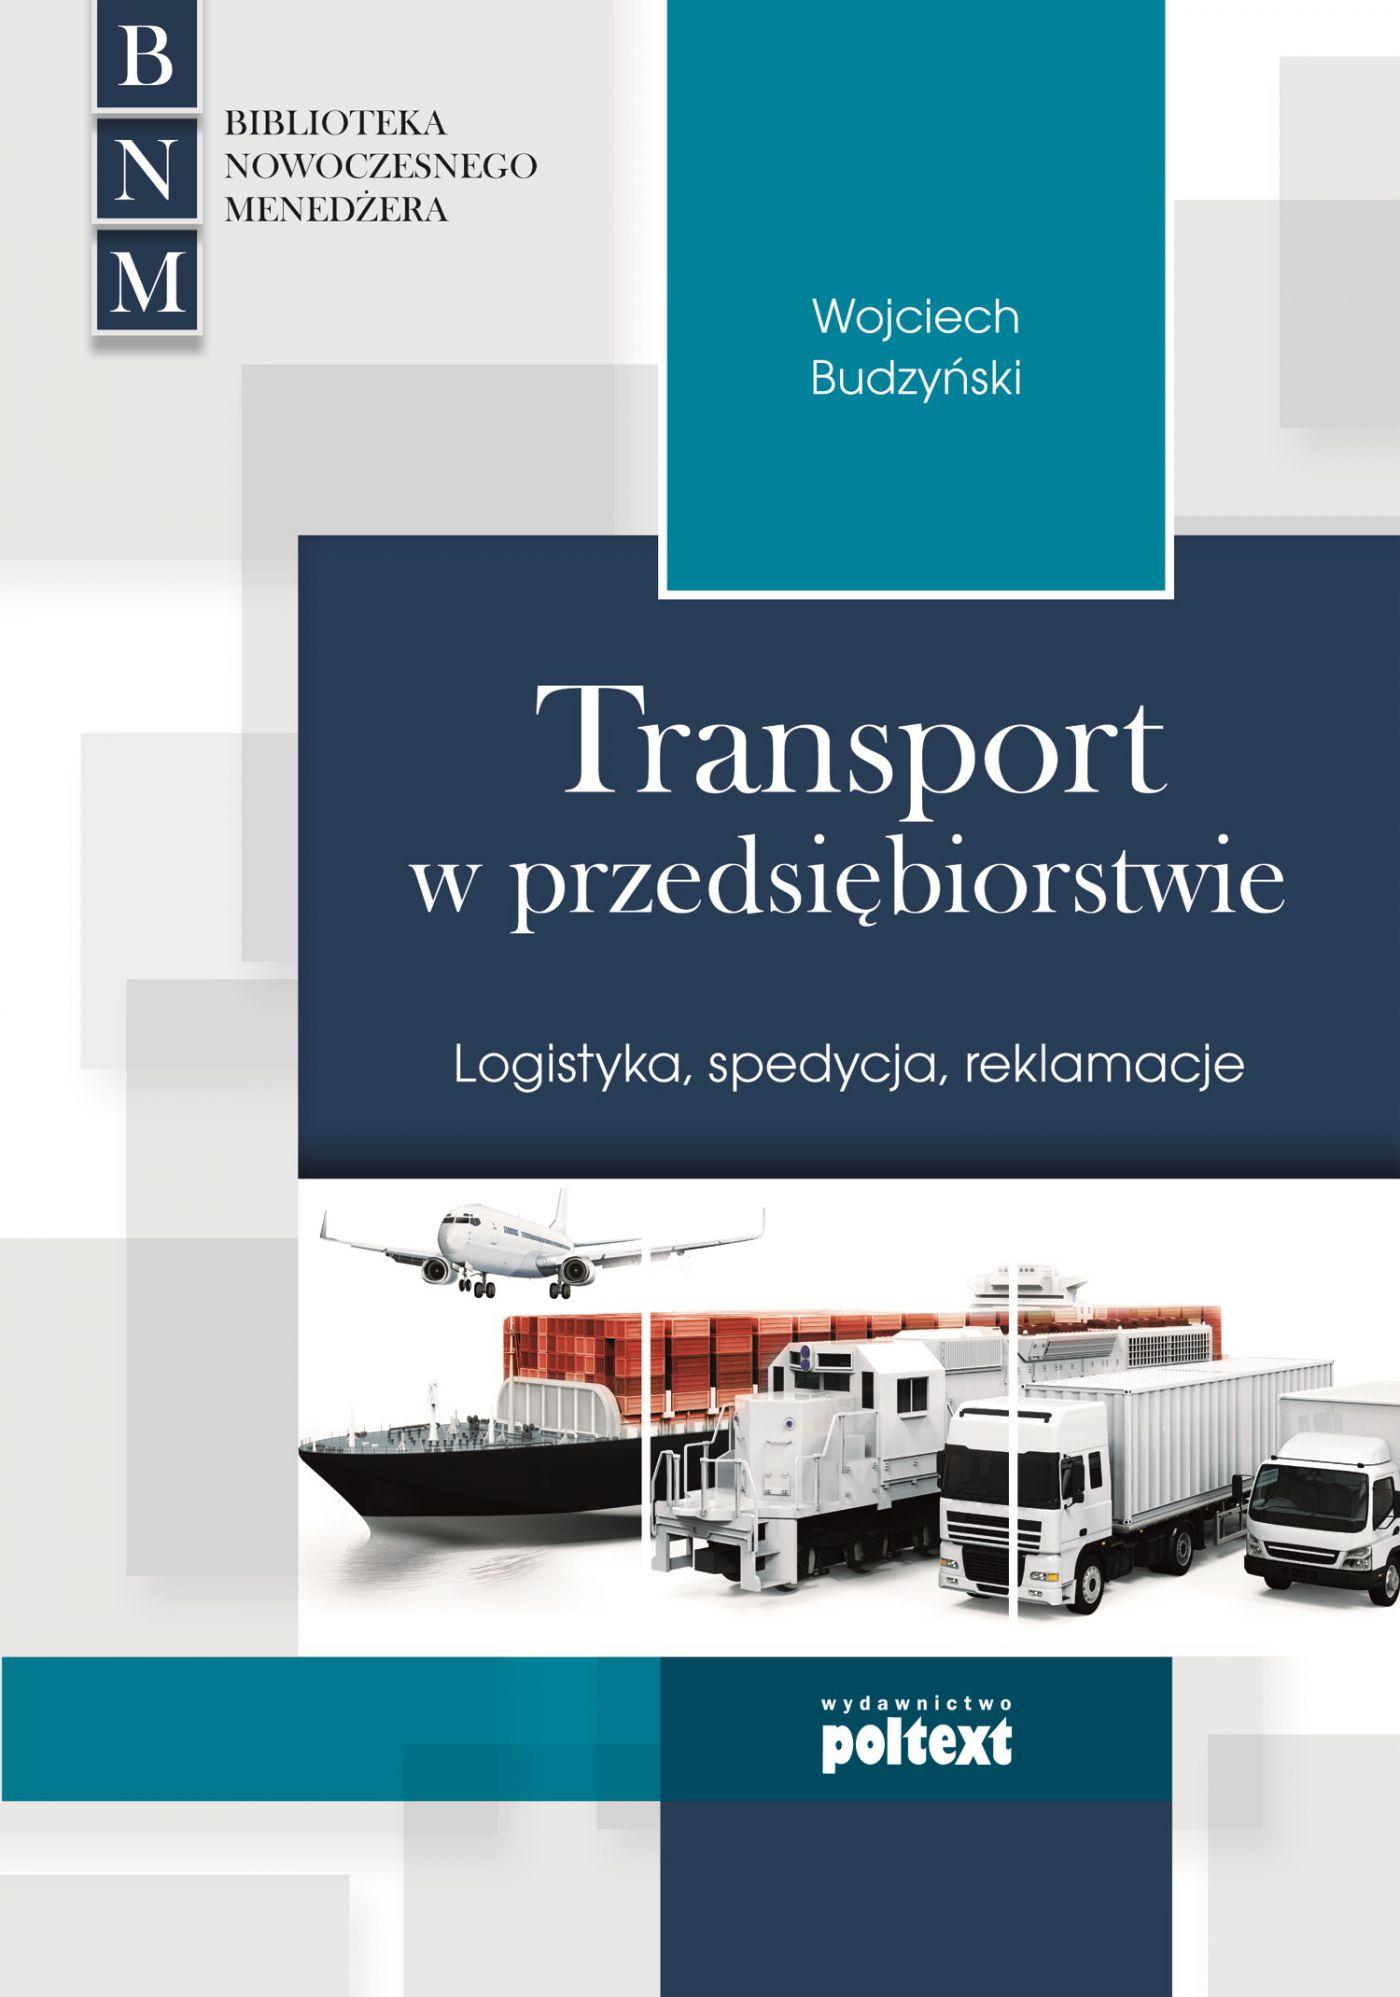 Transport w przedsiębiorstwie. Logistyka, spedycja, reklamacje - Ebook (Książka EPUB) do pobrania w formacie EPUB